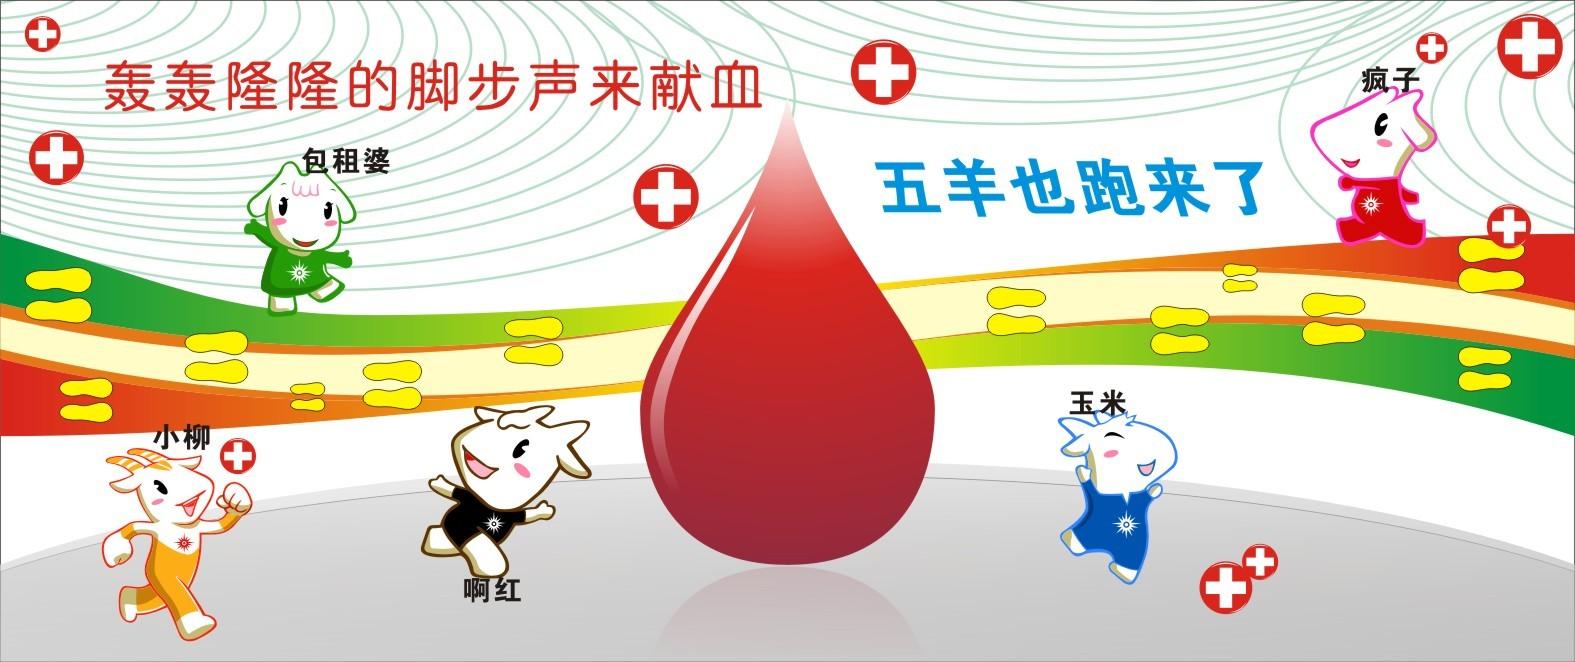 献血海报手绘边框